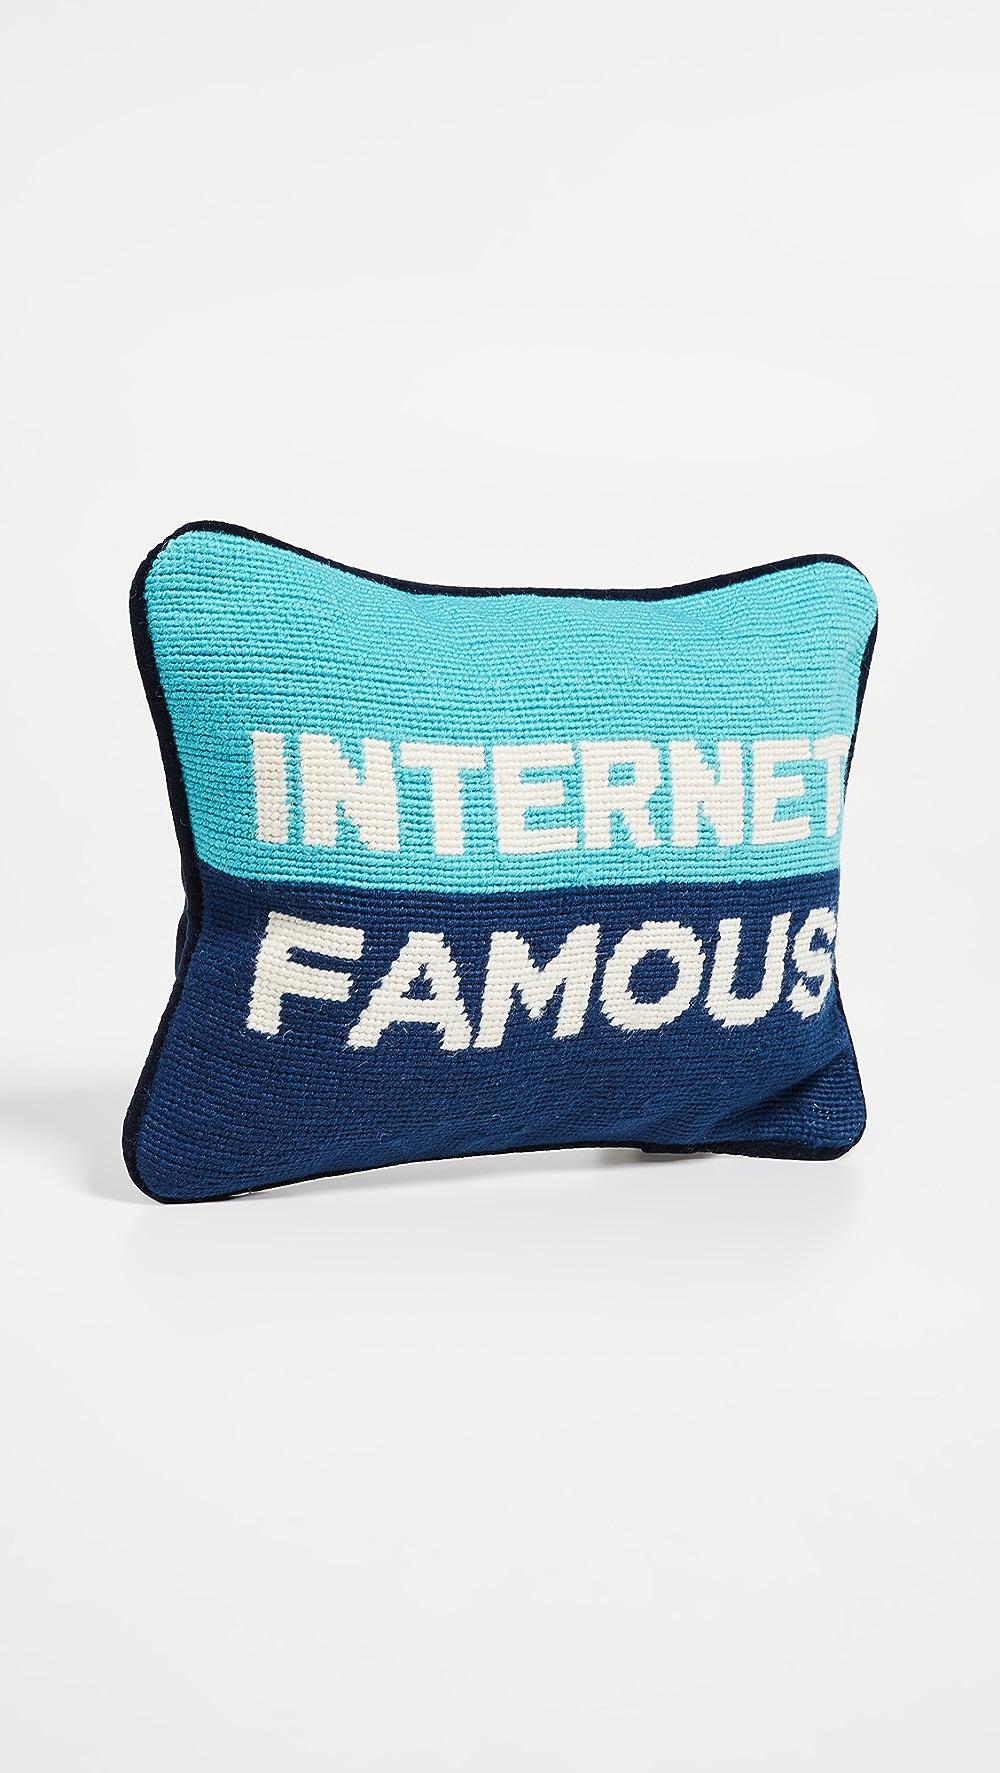 Aspiring Jonathan Adler - Internet Famous Pillow Quell Summer Thirst